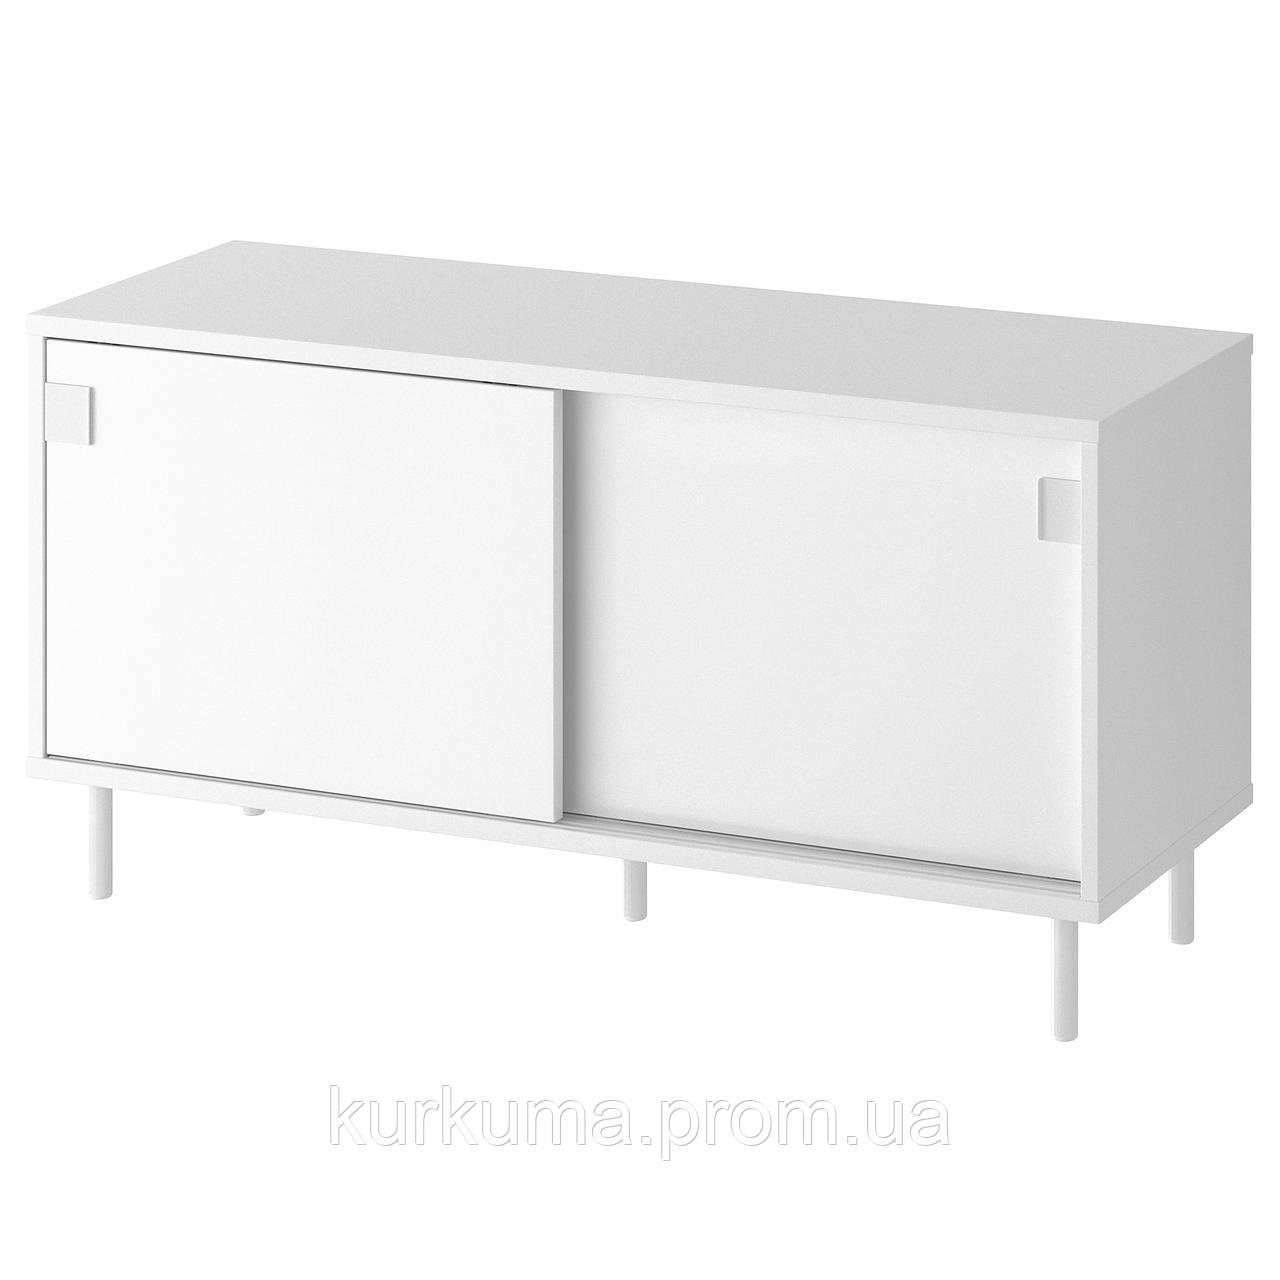 IKEA MACKAPAR Скамья с полками  (103.347.53)